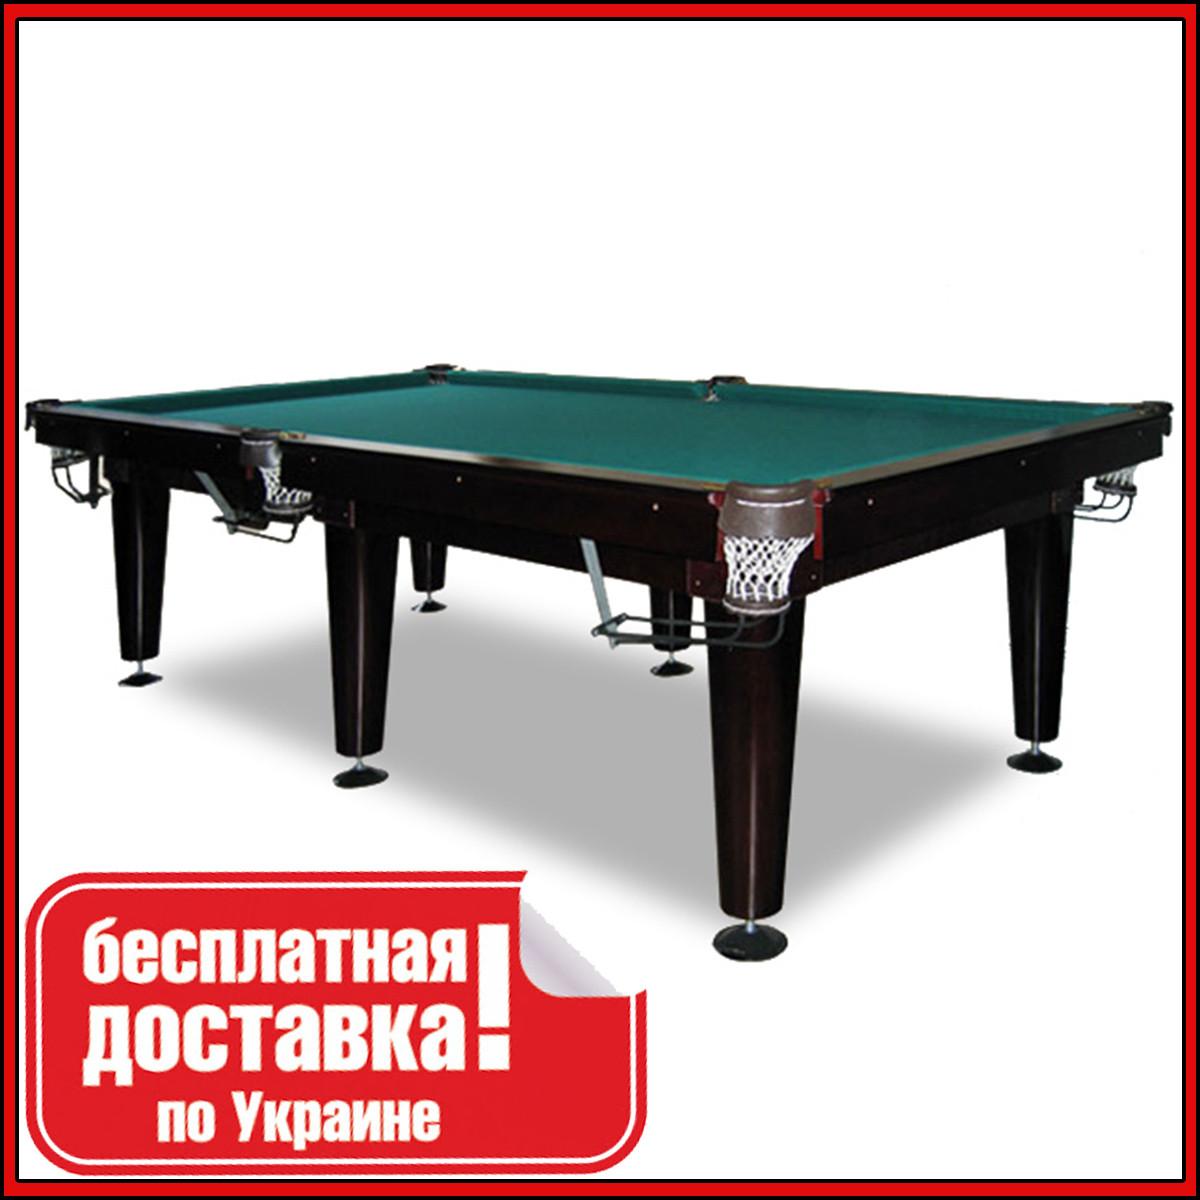 Більярдний стіл для пулу КЛАСИК 9 футів ЛДСП 2.6 м х 1.3 м з натурального дерева